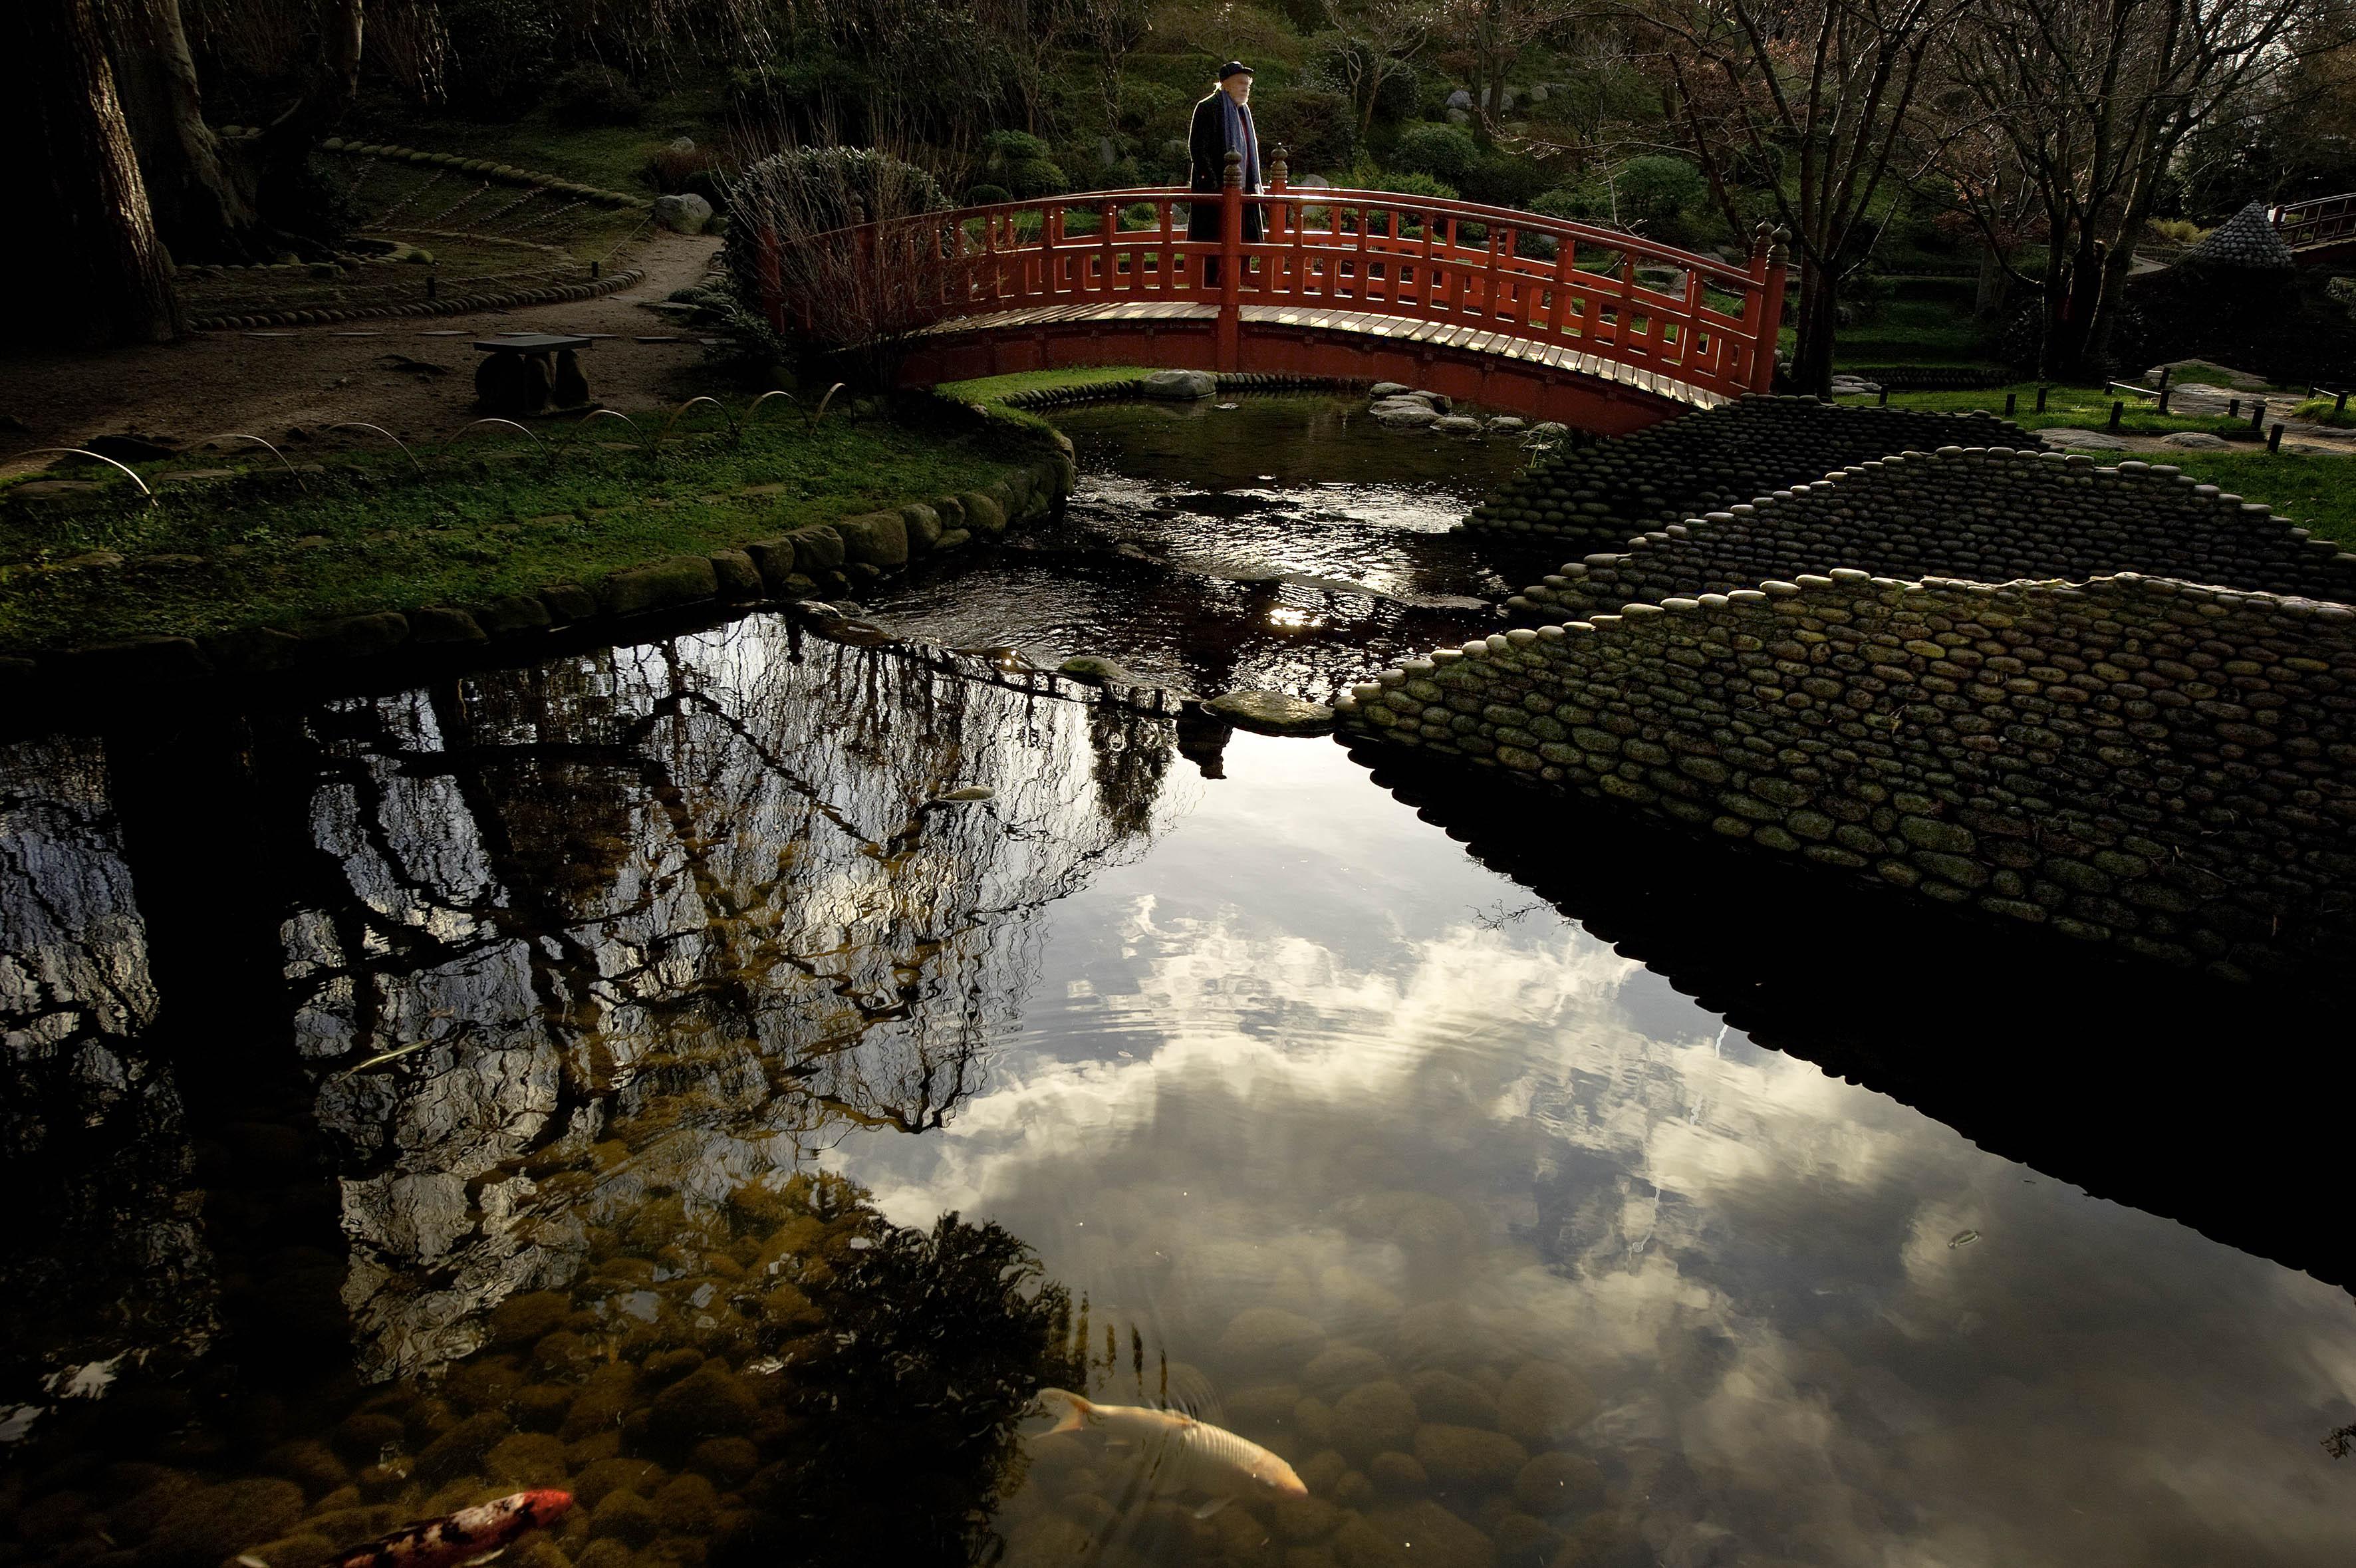 Le pont des Âmes, Jardin Albert-Kahn, Boulogne-Billancourt (Hauts-de-Seine). Photo Jean-Luc Dolmaire